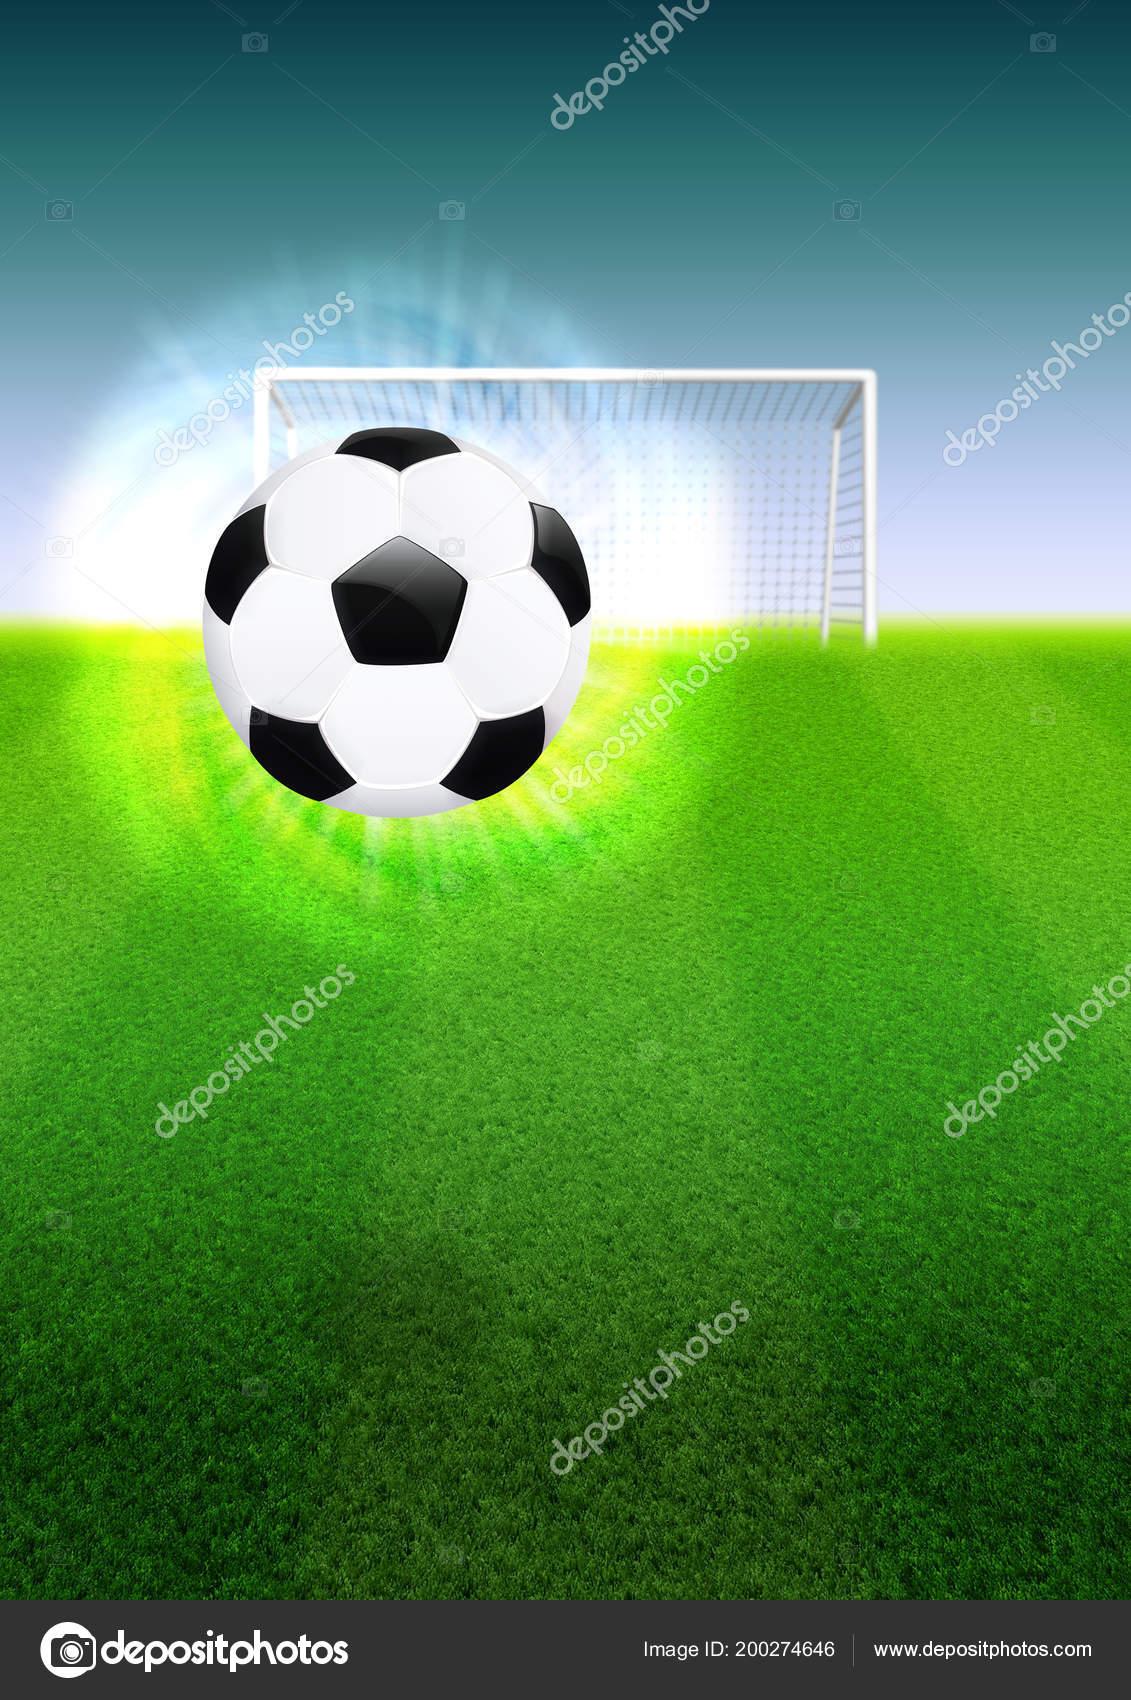 4a95a5a5b Football Soccer Ball Goal Grass Field Illustration — Stock Photo ...